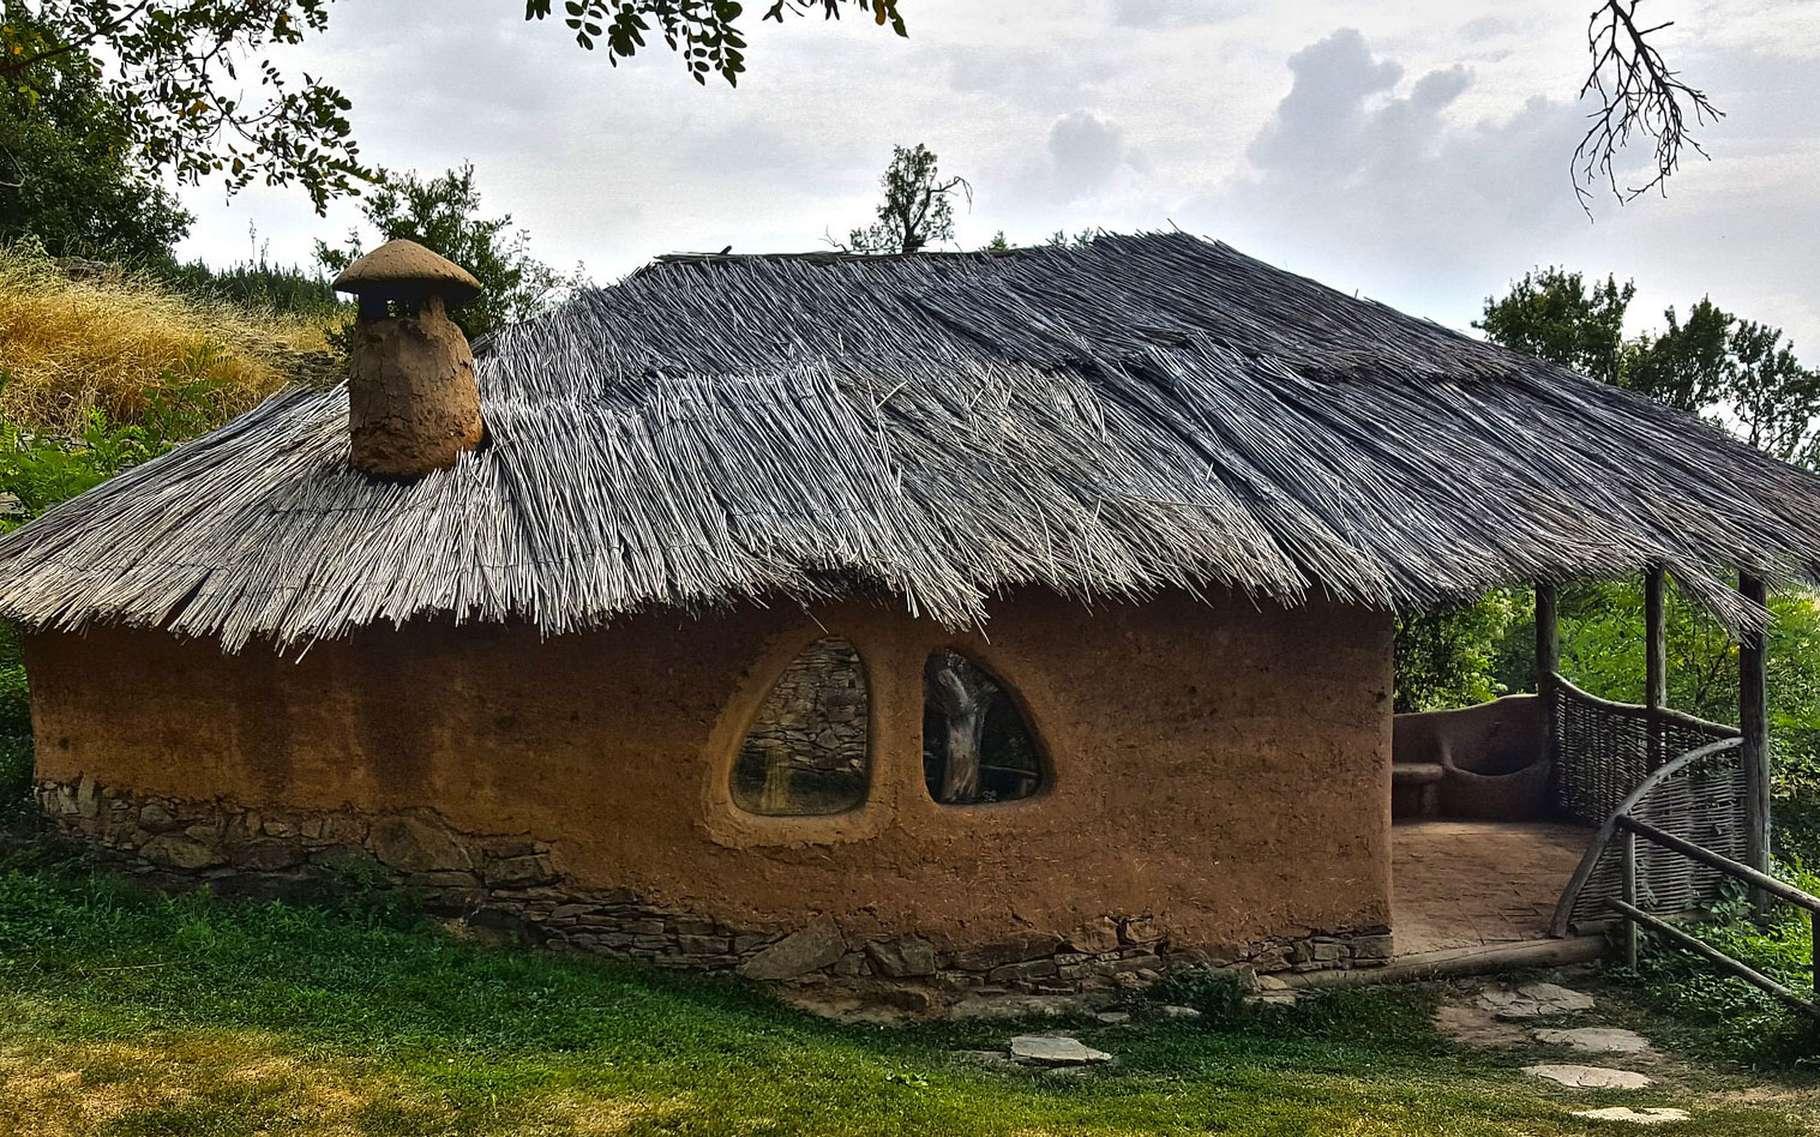 Quelque part au sud-ouest de la Bulgarie se trouve le village de Leshten. Un village étonnant à plus d'un titre. D'abord parce qu'il ne compte quasiment plus d'habitants à l'année. En revanche, il déborde de touristes. Car de nombreux investisseurs, séduits par son charme, s'y sont intéressés. Ils ont restauré la plupart des maisons dans le respect du style architectural local. Cette maison d'argile — qui nous transporte presque au cœur de l'Afrique — est quant à elle 100 % écologique. Et l'on en trouve plusieurs de ce type dans le village. © smarkov2, Pixabay, CC0 Creative Commons